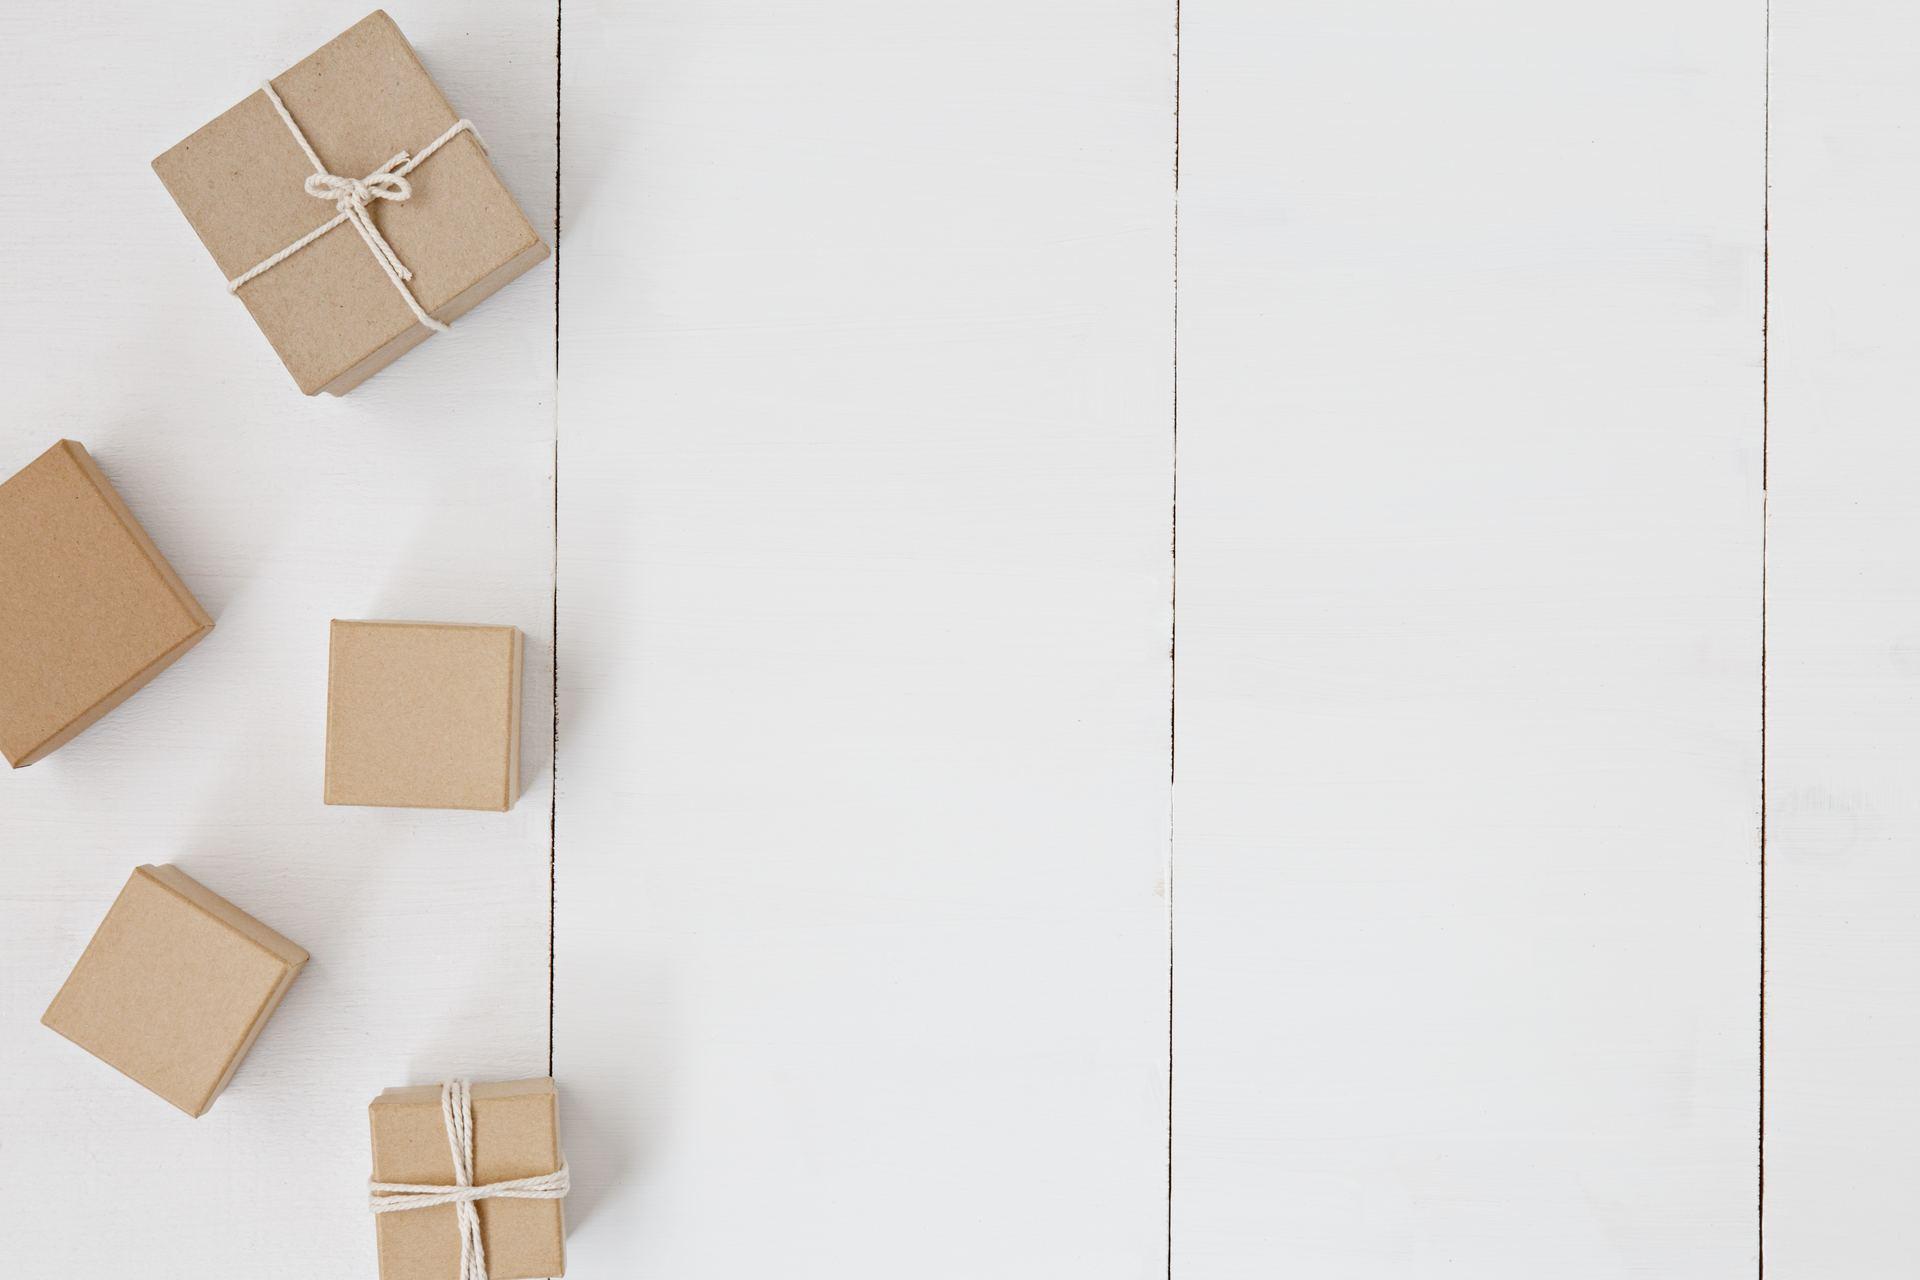 Enkla och smidiga paketleveranser